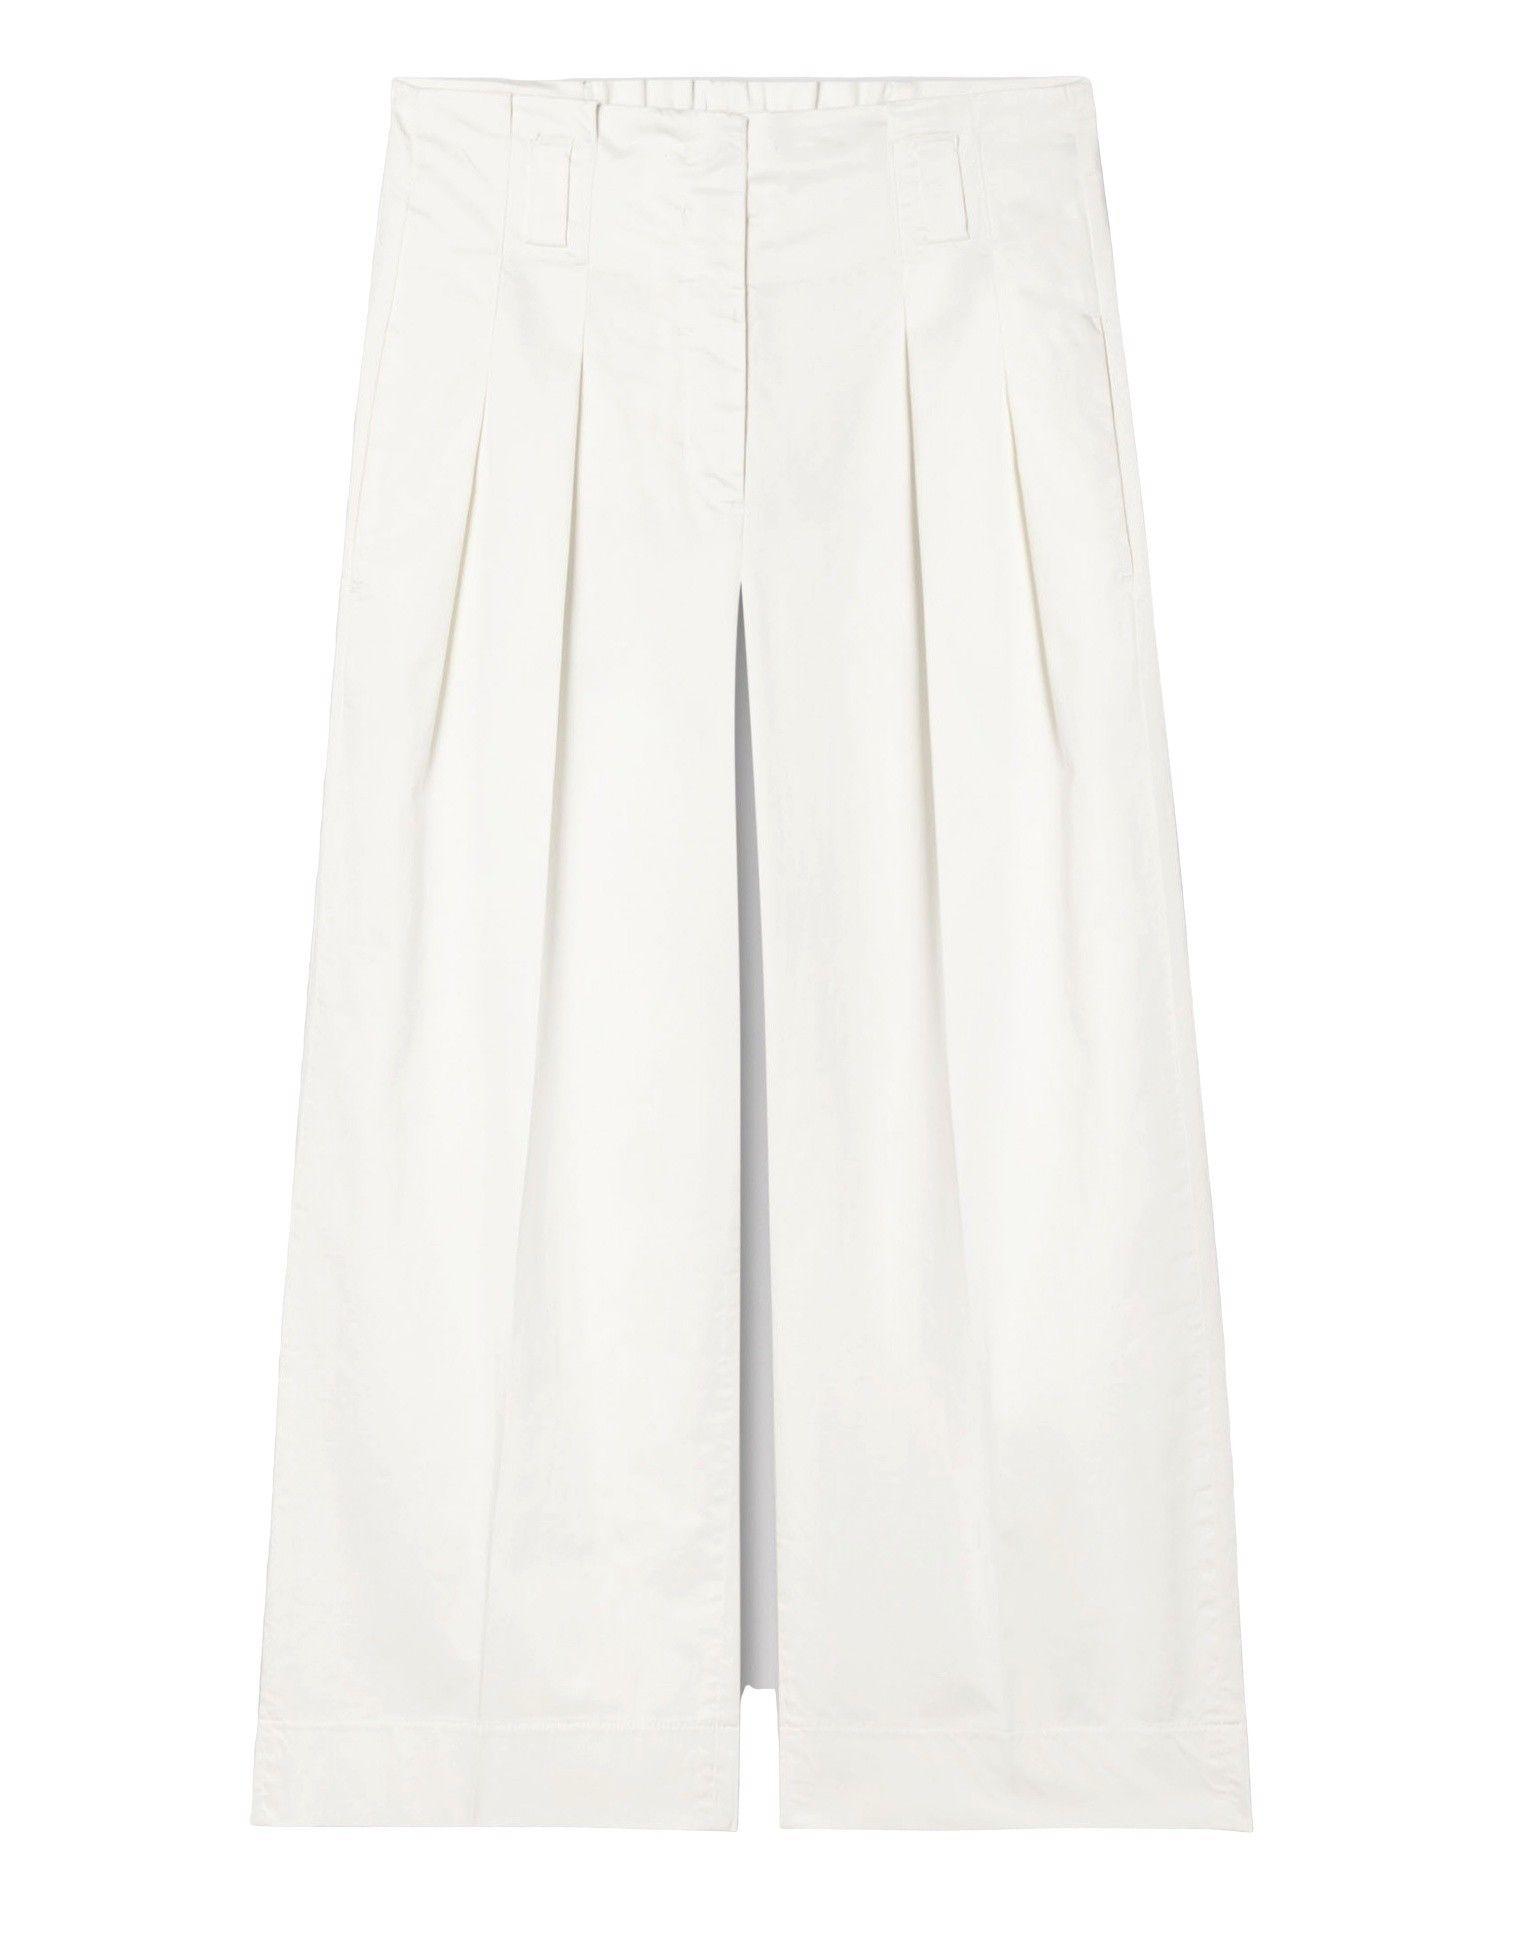 LUISA CERANO - Damen Hose - Wideleg Pants - Off White